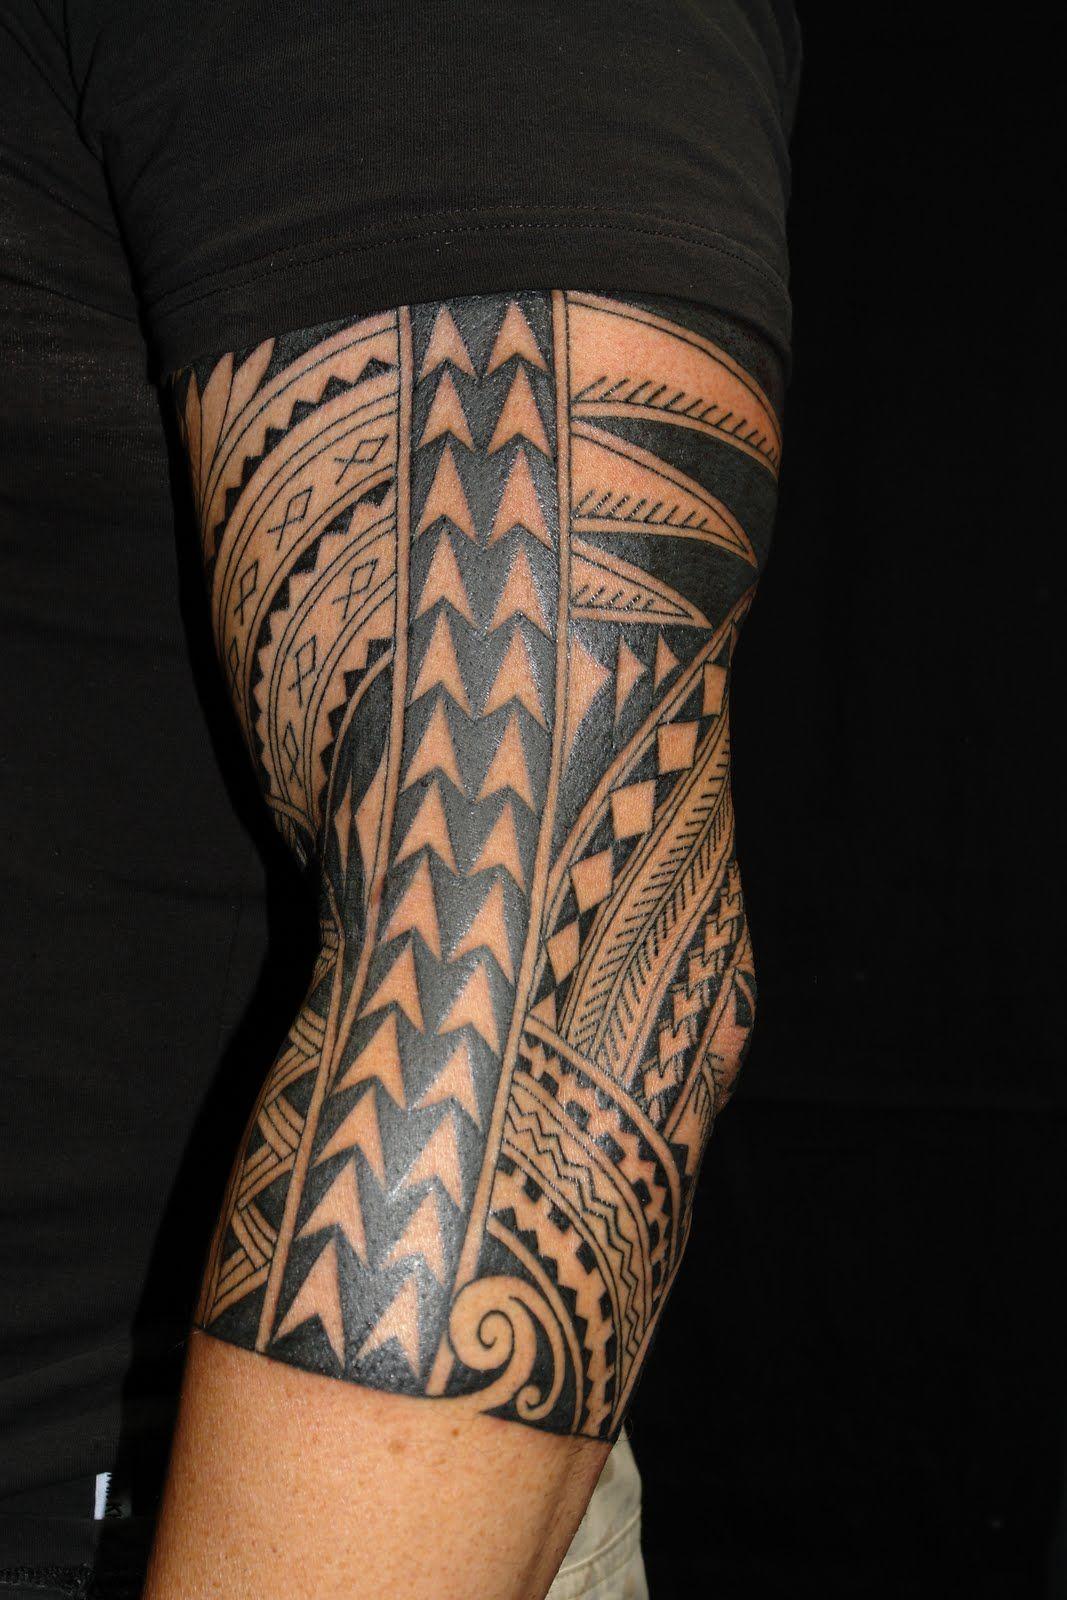 Amüsant Schöne Tattoos Für Männer Referenz Von Maori Polynesian Tattoo: Polynesian Half Sleeve Schöne